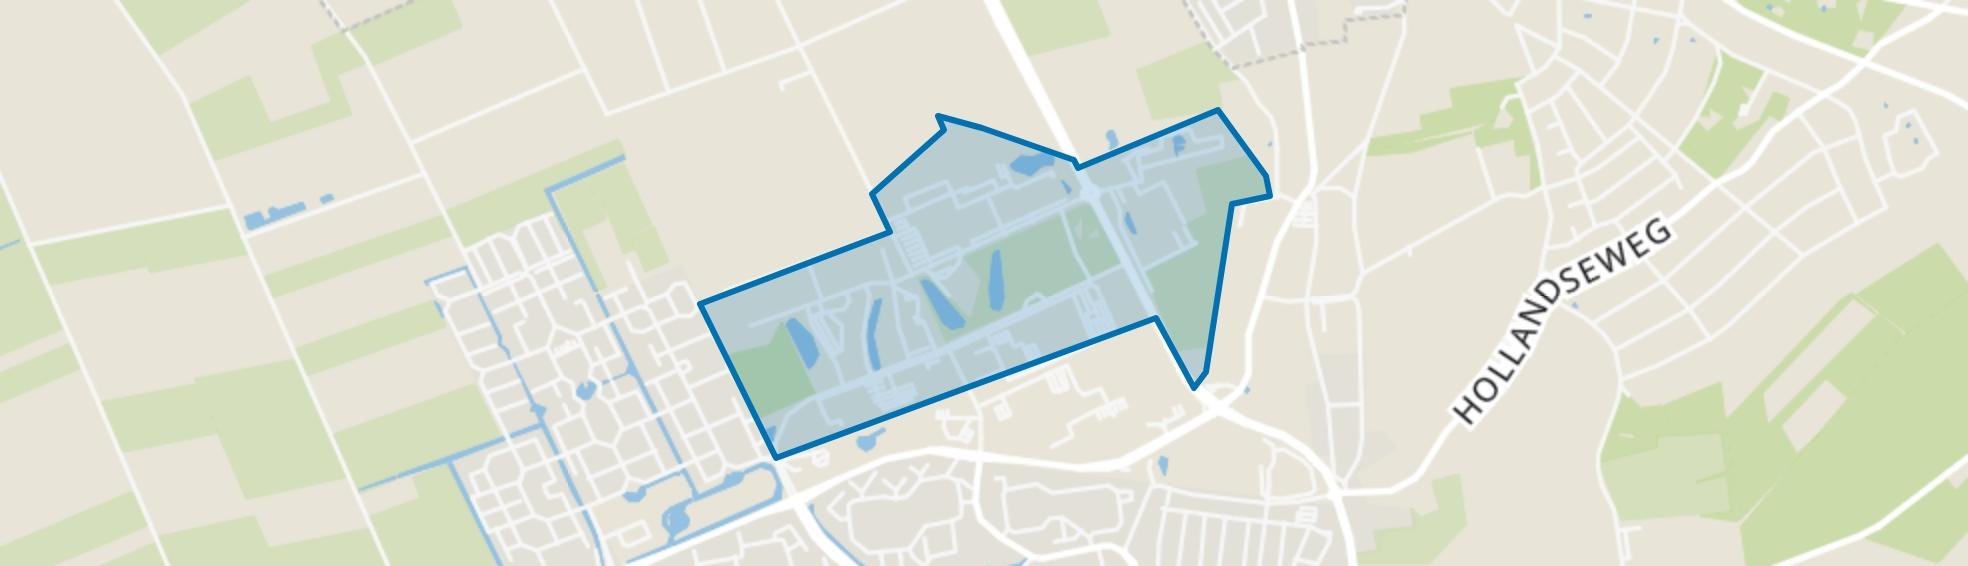 Wageningen Campus en Droevendaal, Wageningen map